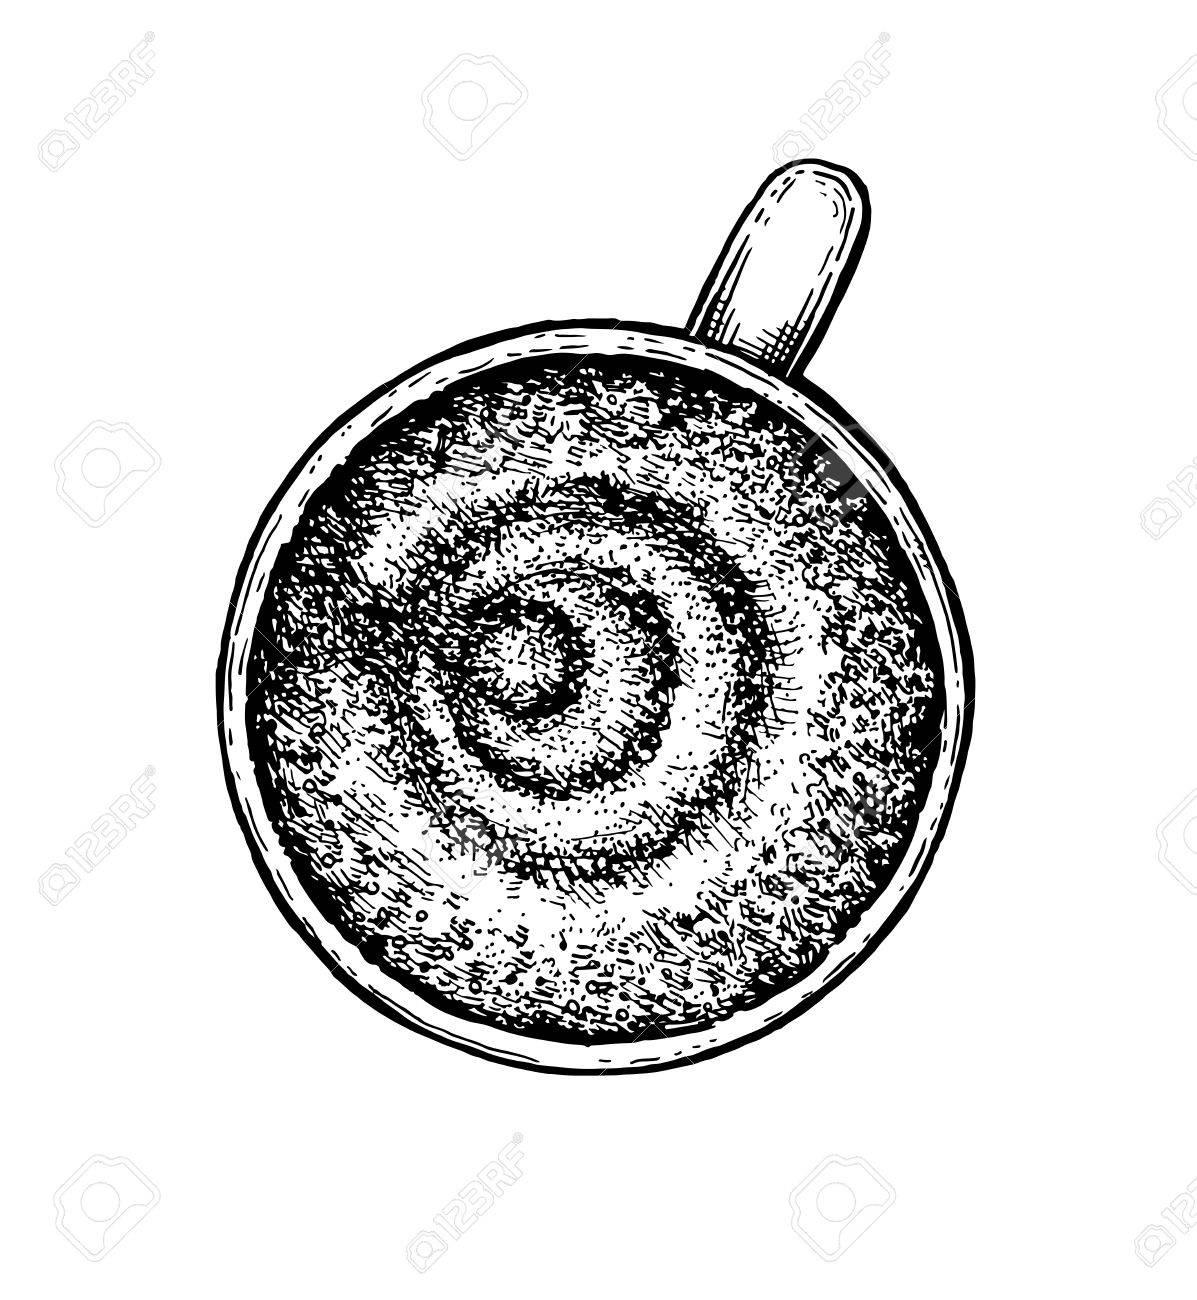 Schwarz Weiß Hand Kaffeetasse Gezeichnet Vektor Illustration